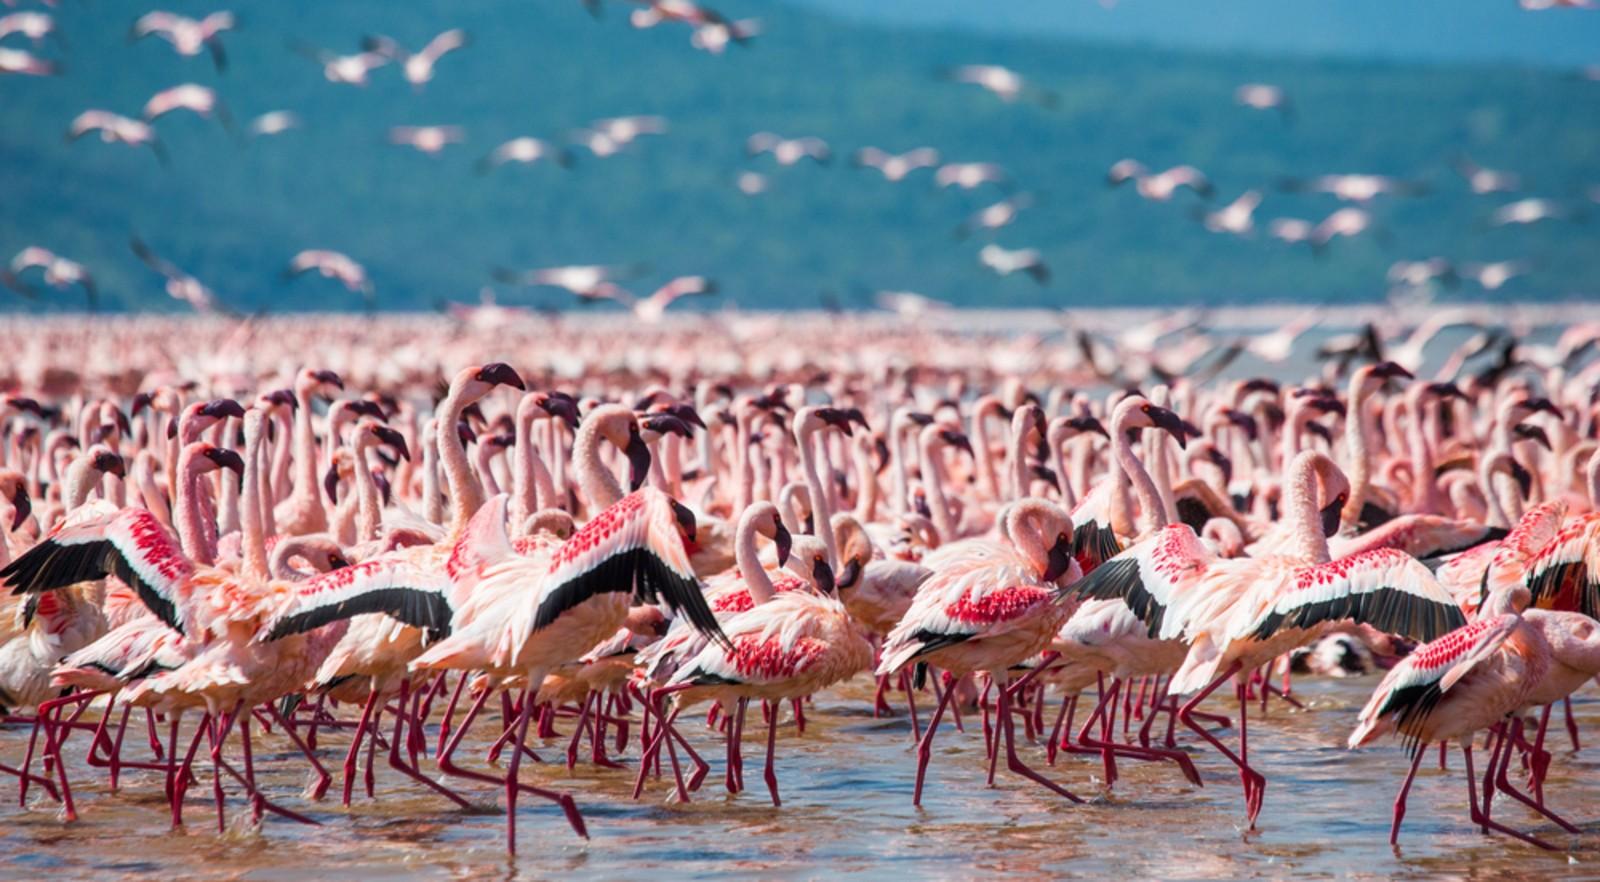 Flamingos on Lake Bogoria